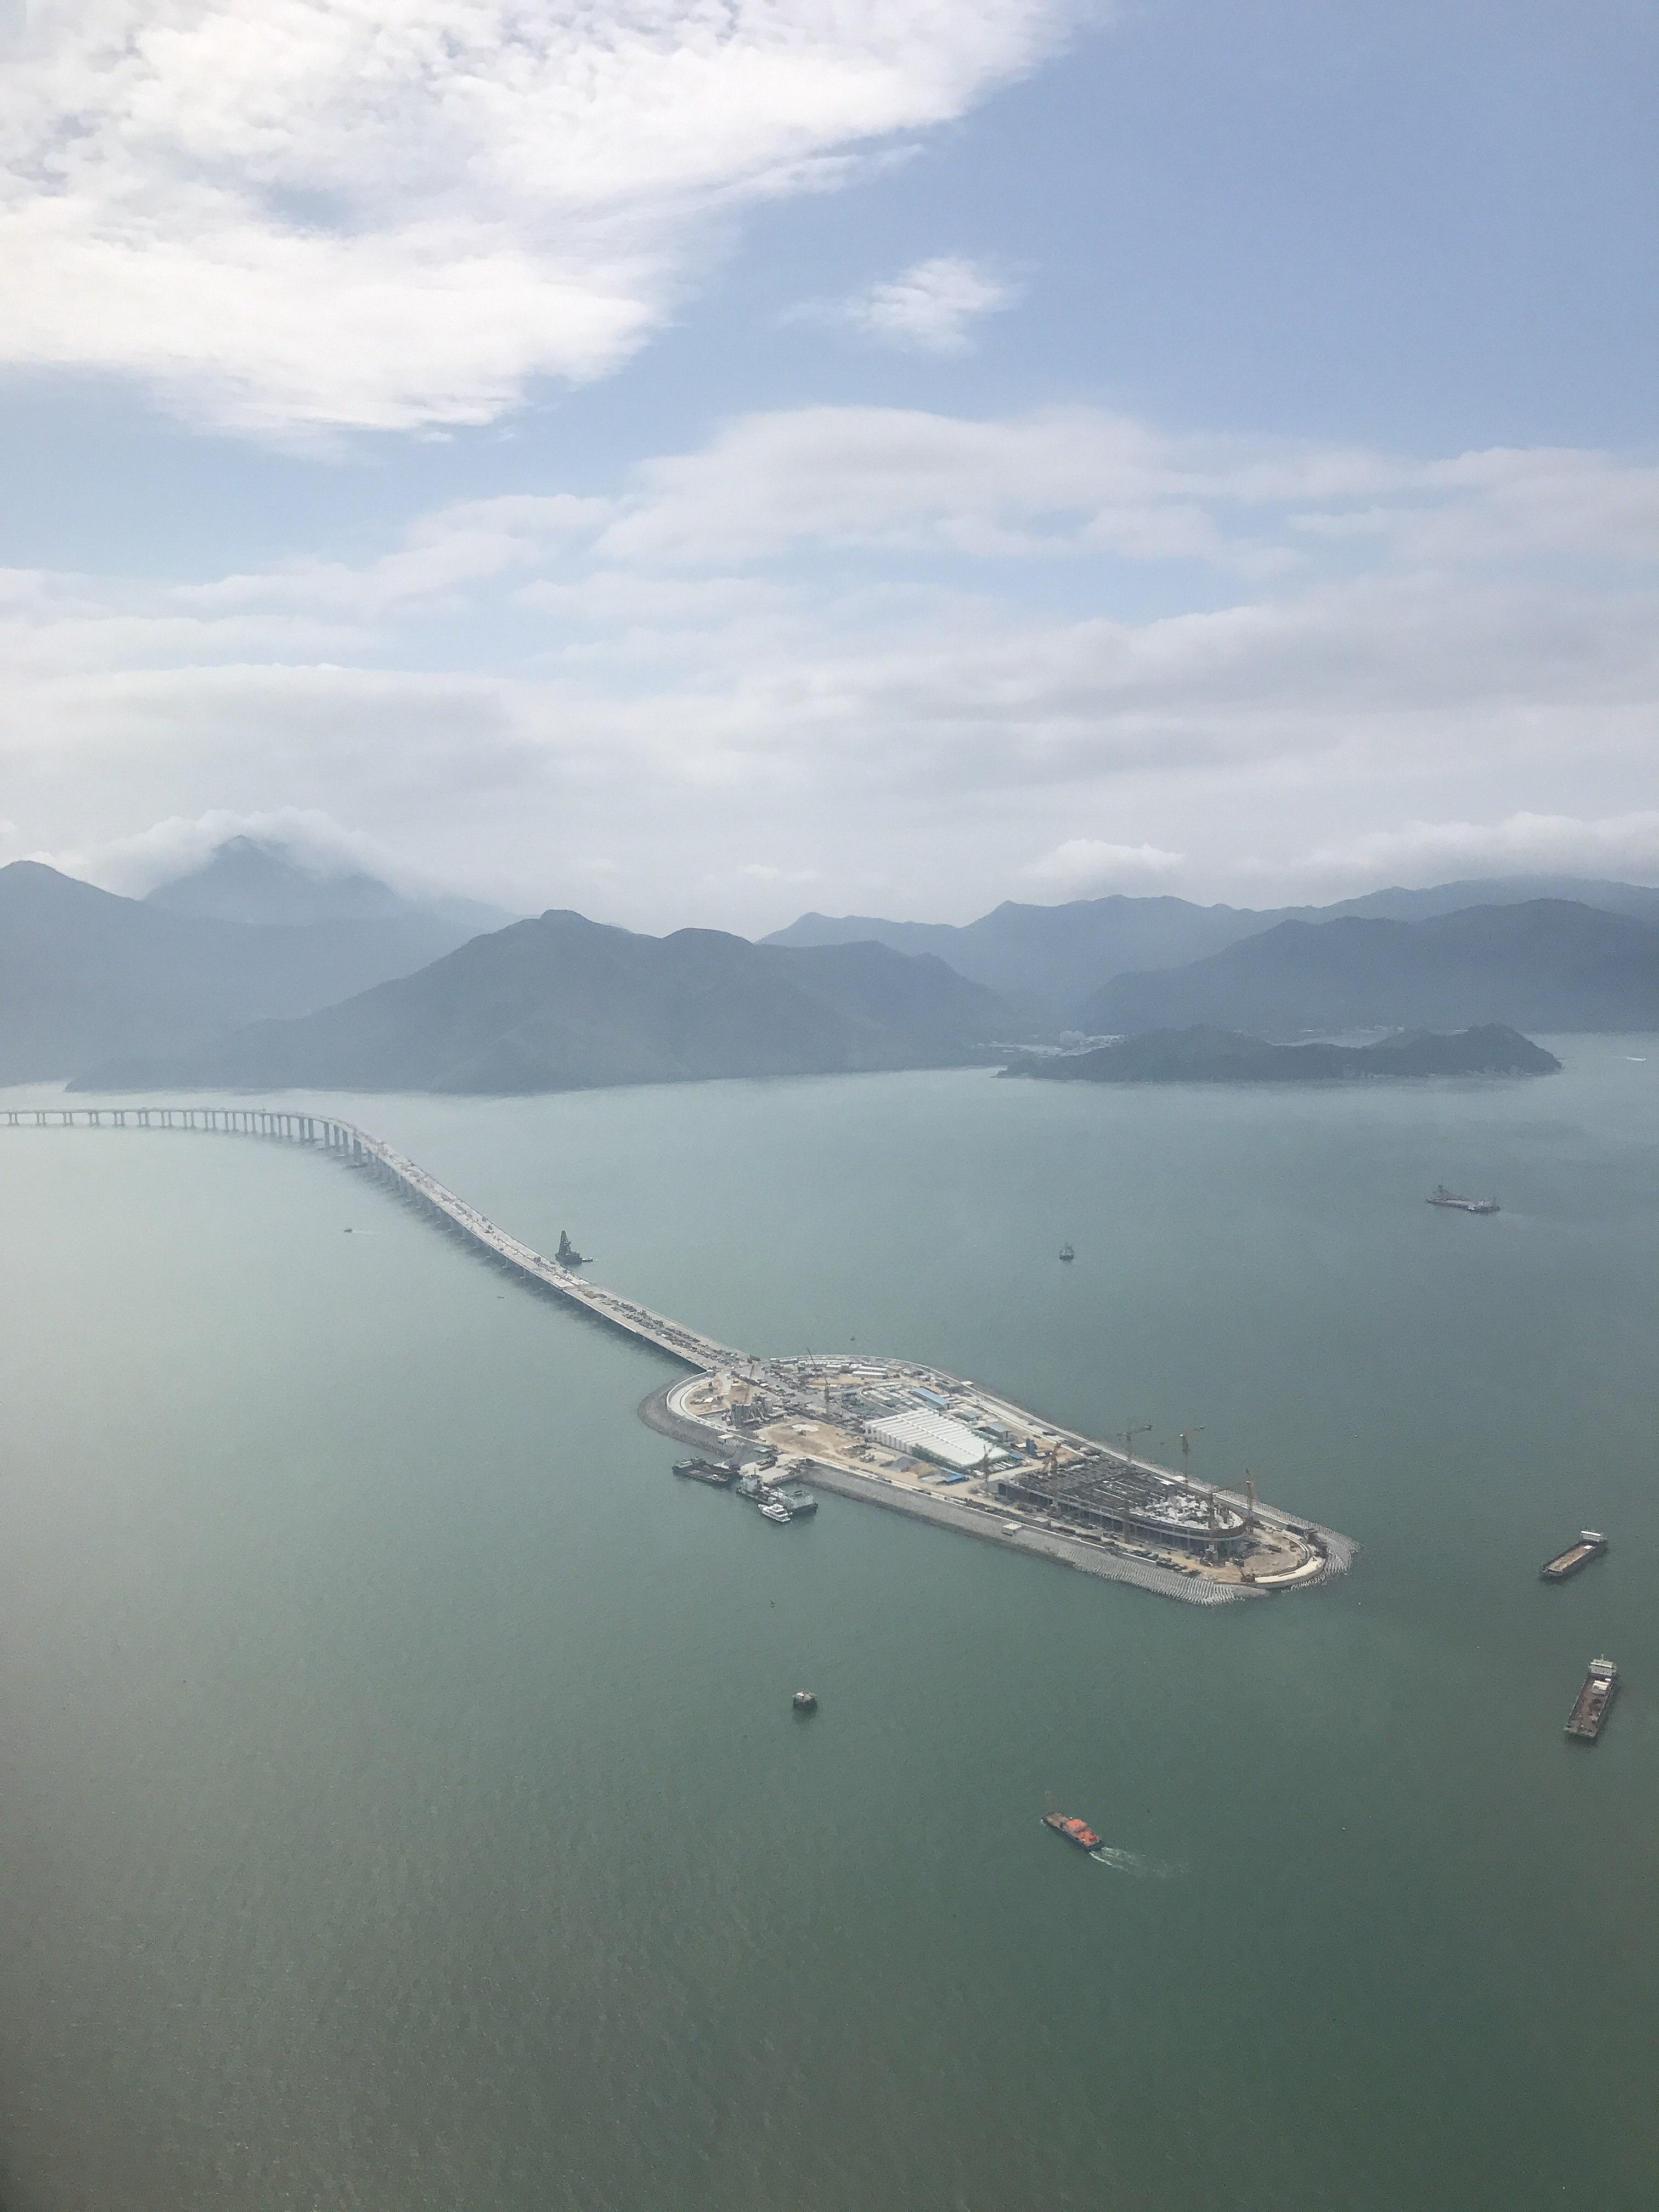 FOTO/AI Hong Kong/Wikimedia Commons